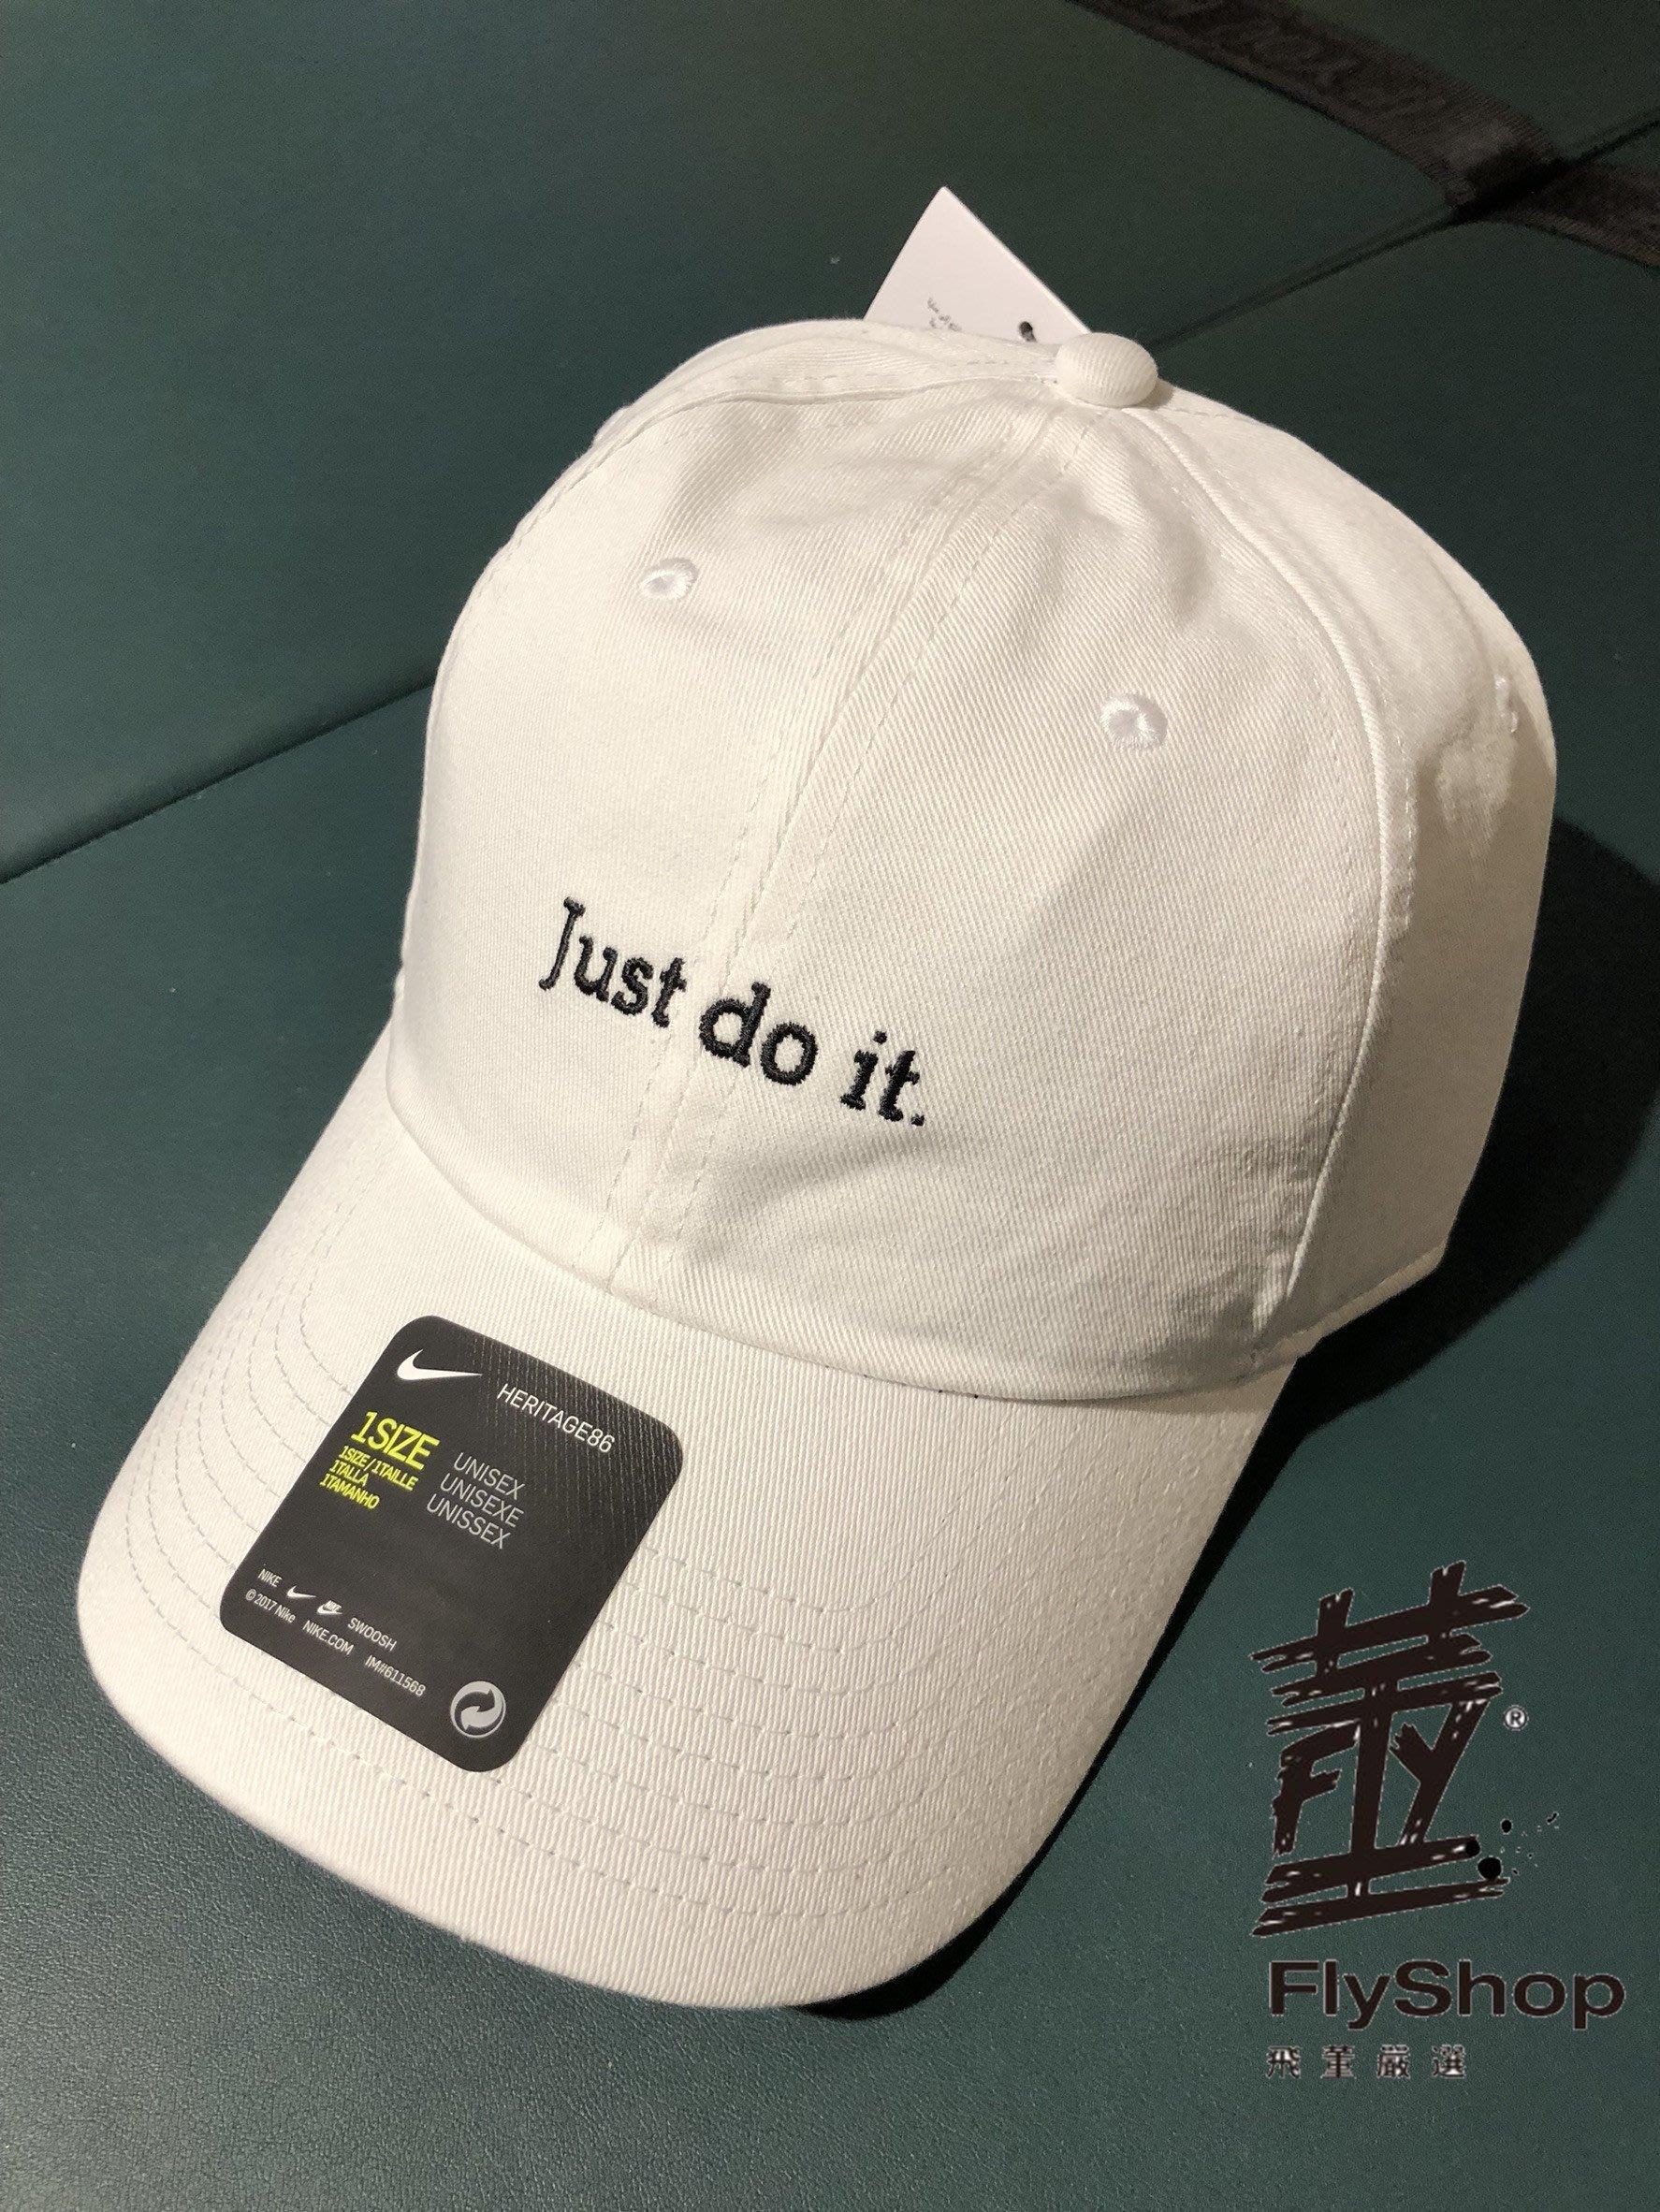 飛董  NIKE 2018 JUST DO IT 老帽棒球帽可調式925415 3caf4cf15831